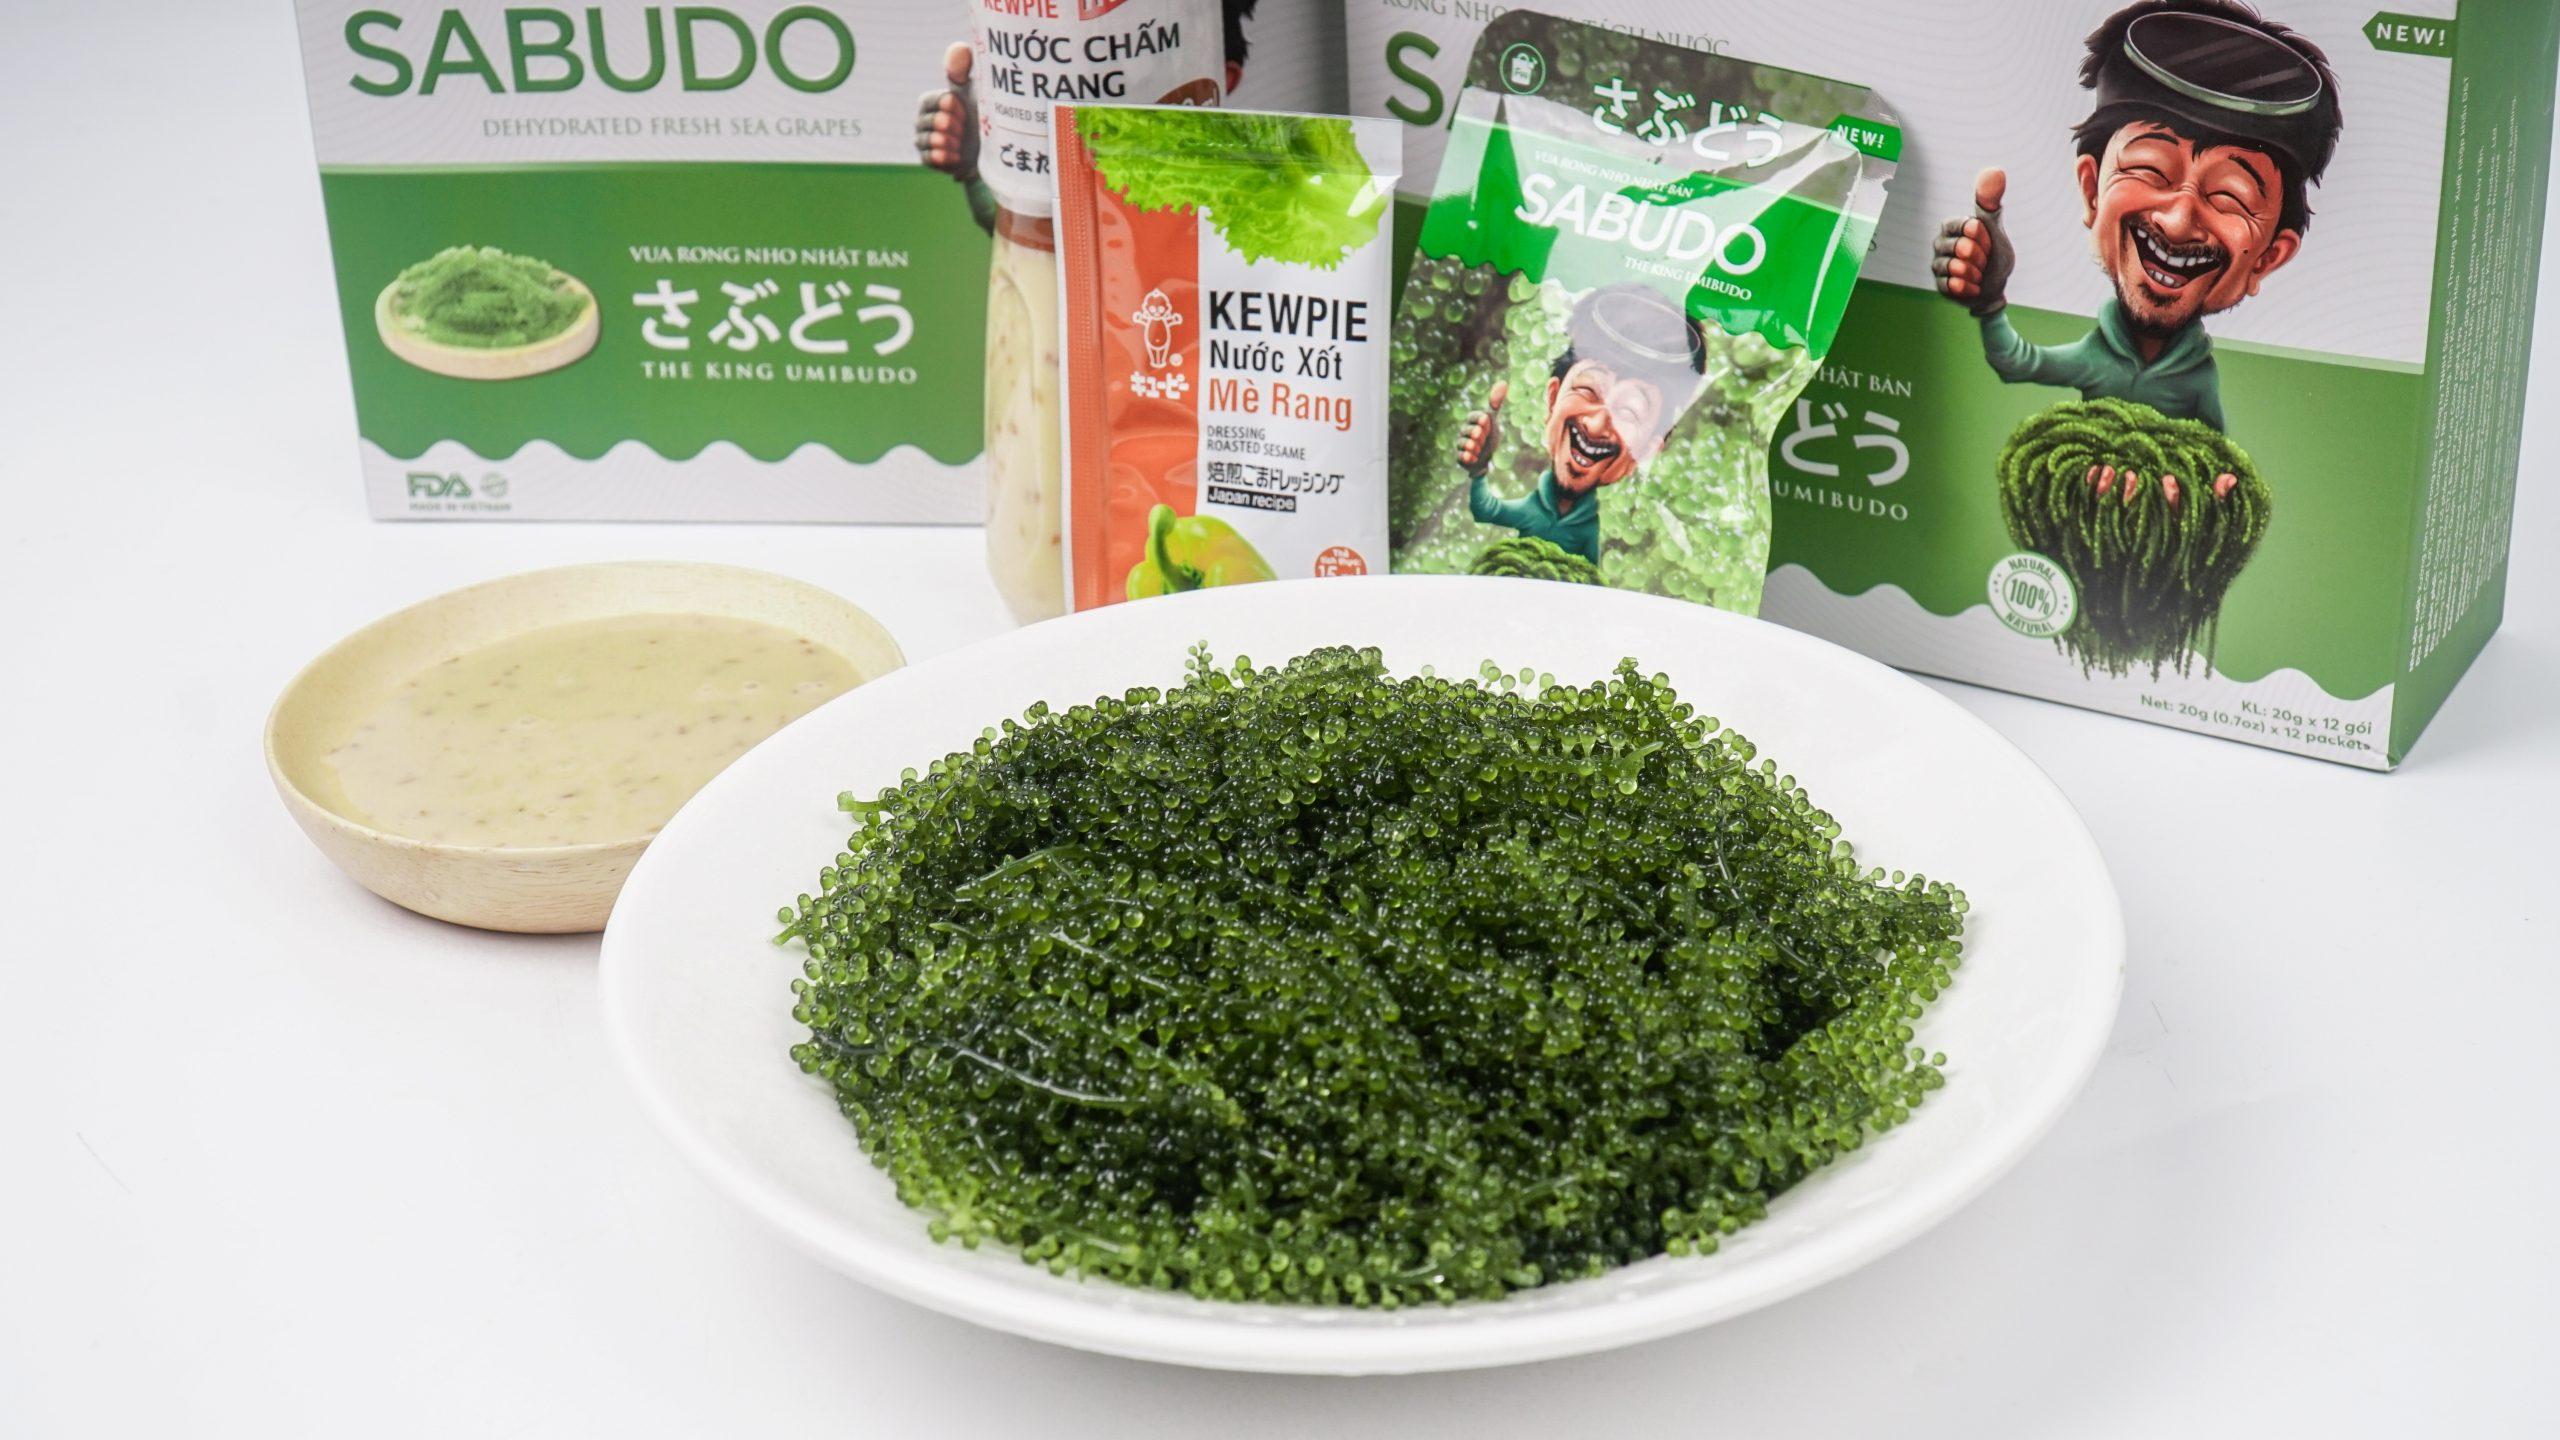 Đĩa rong nho Sabudo thơm ngon bổ dưỡng